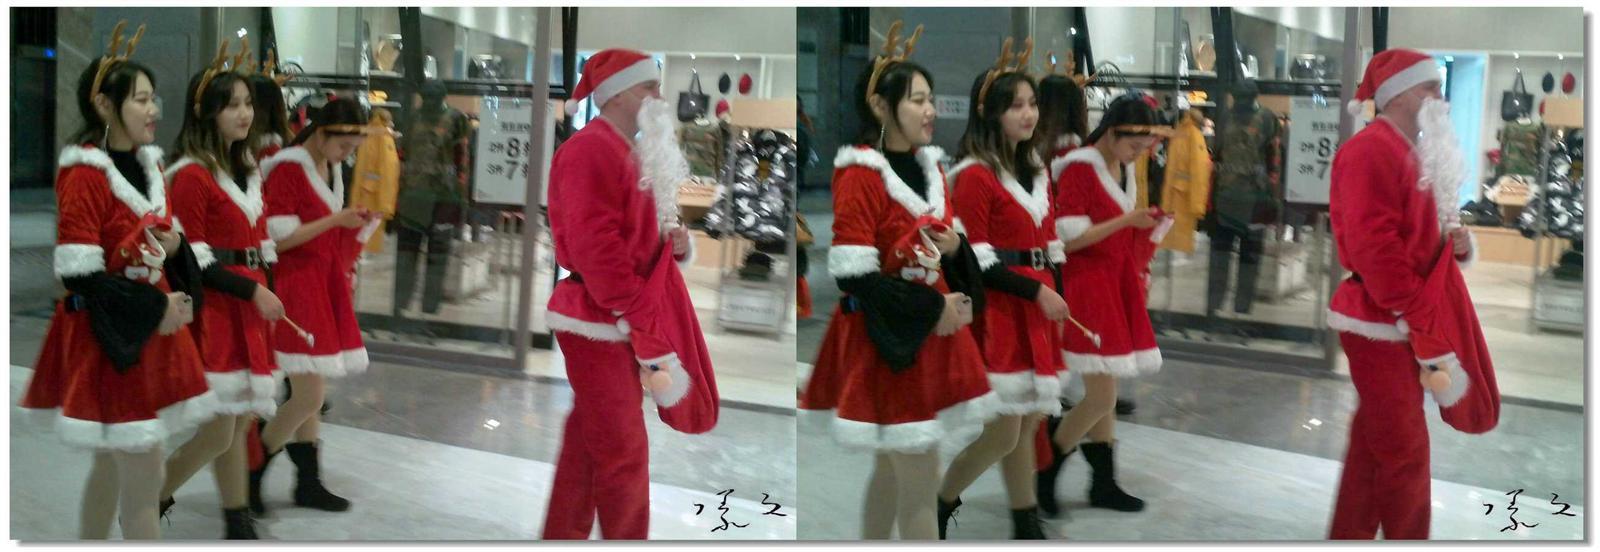 【原创】圣诞老人派送礼物 -1